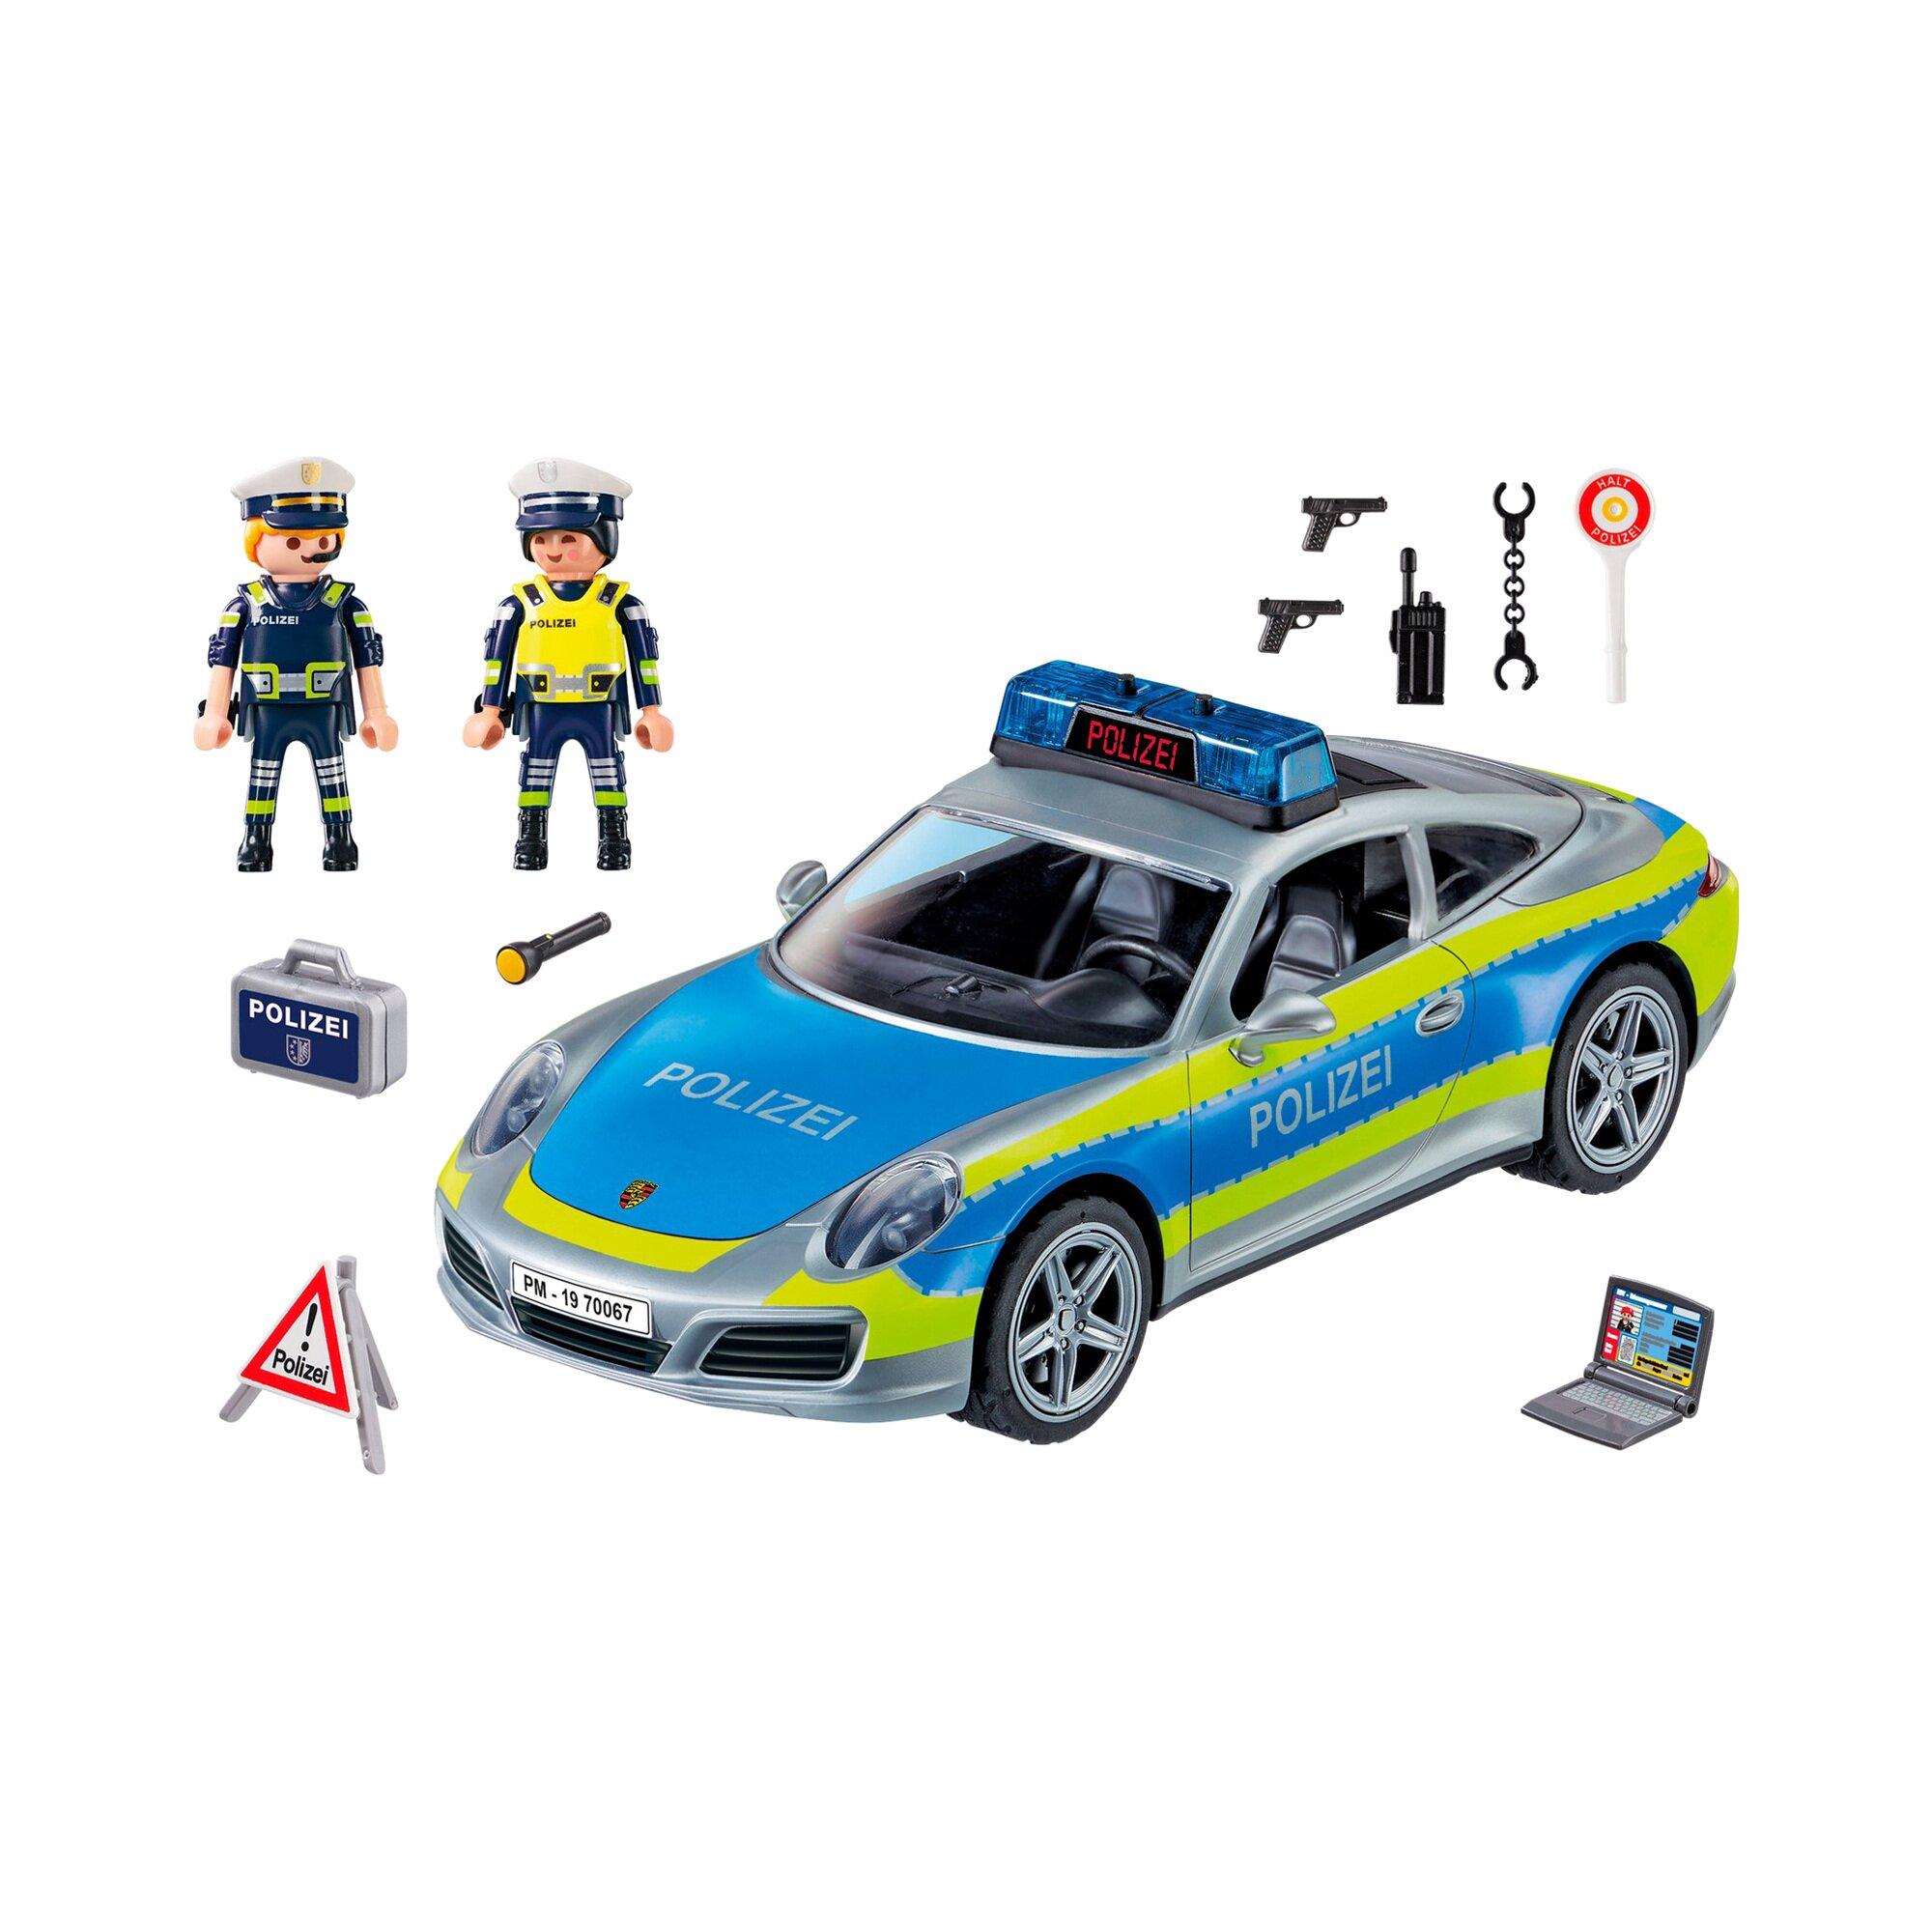 porsche-70067-porsche-911-carrera-4s-polizei